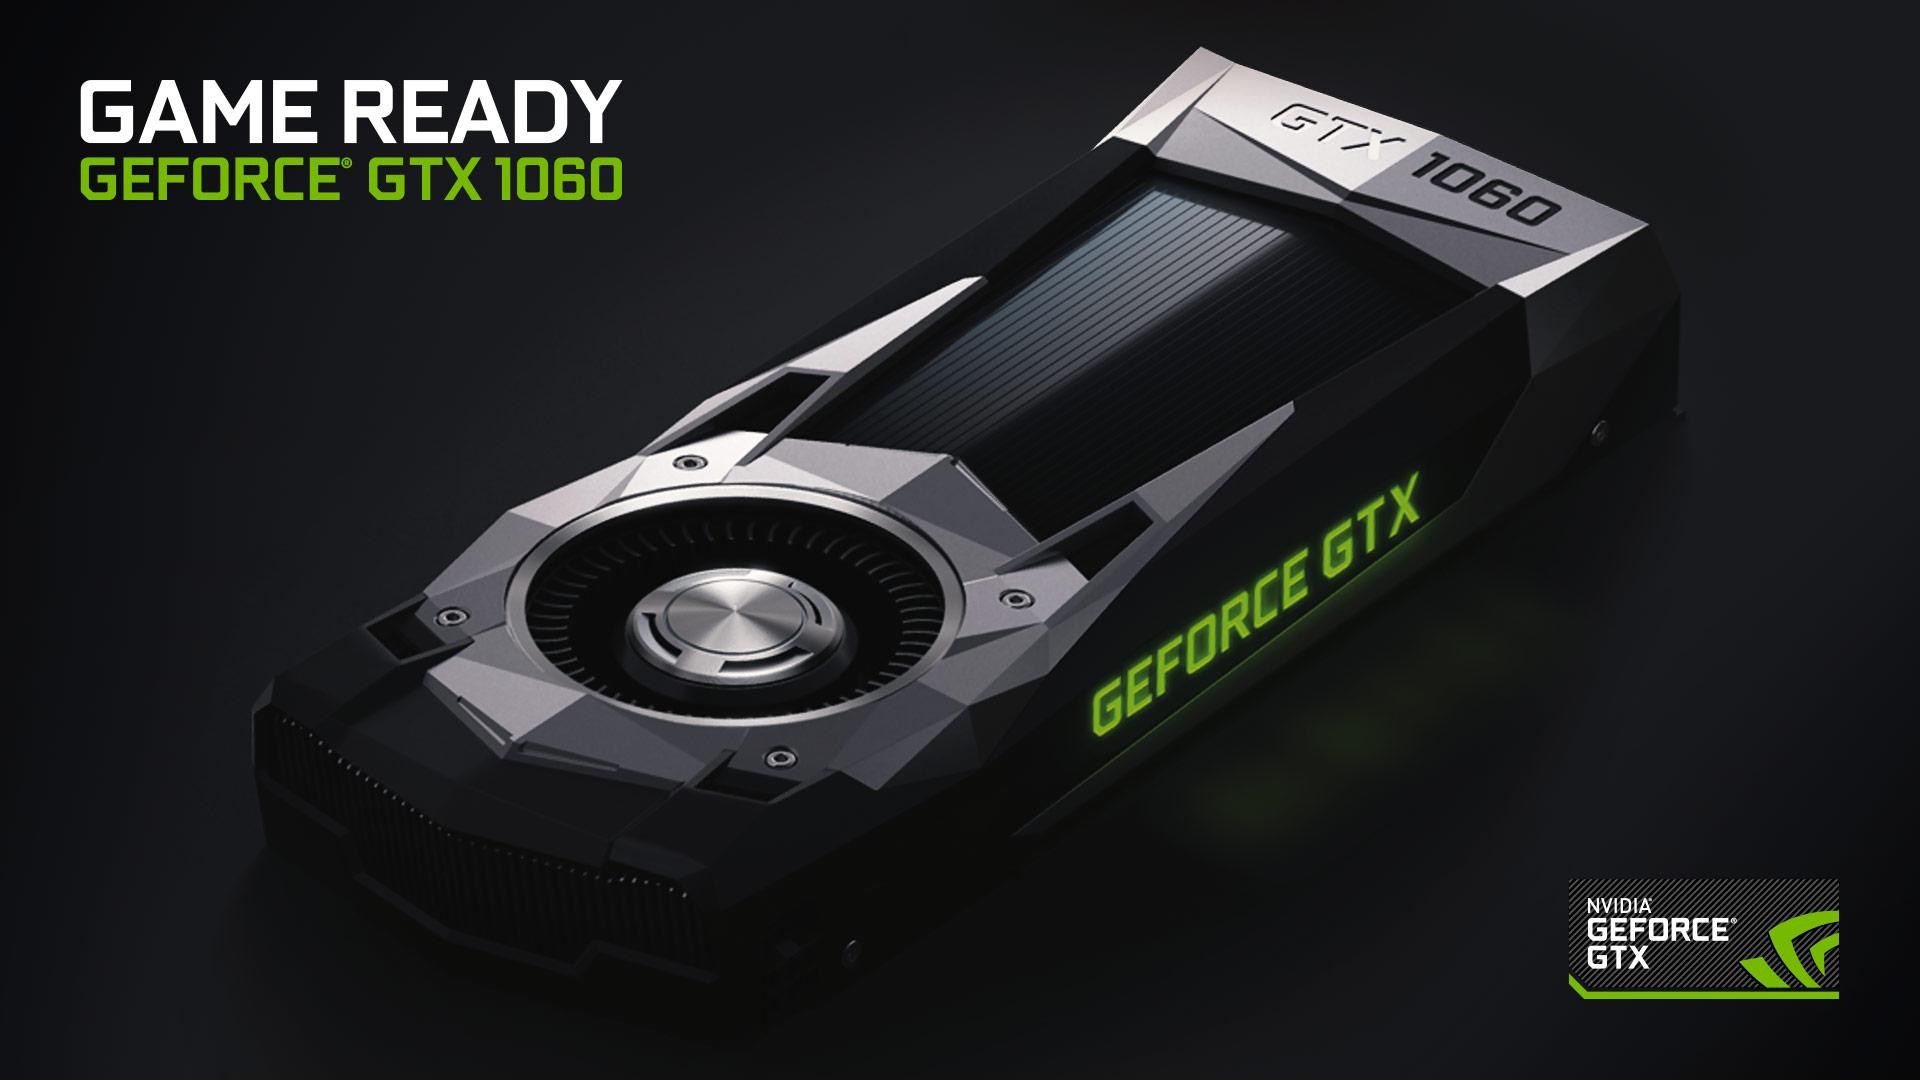 NVIDIA GeForce GTX 1060: Nová definice výkonu střední třídy grafických karet 127351